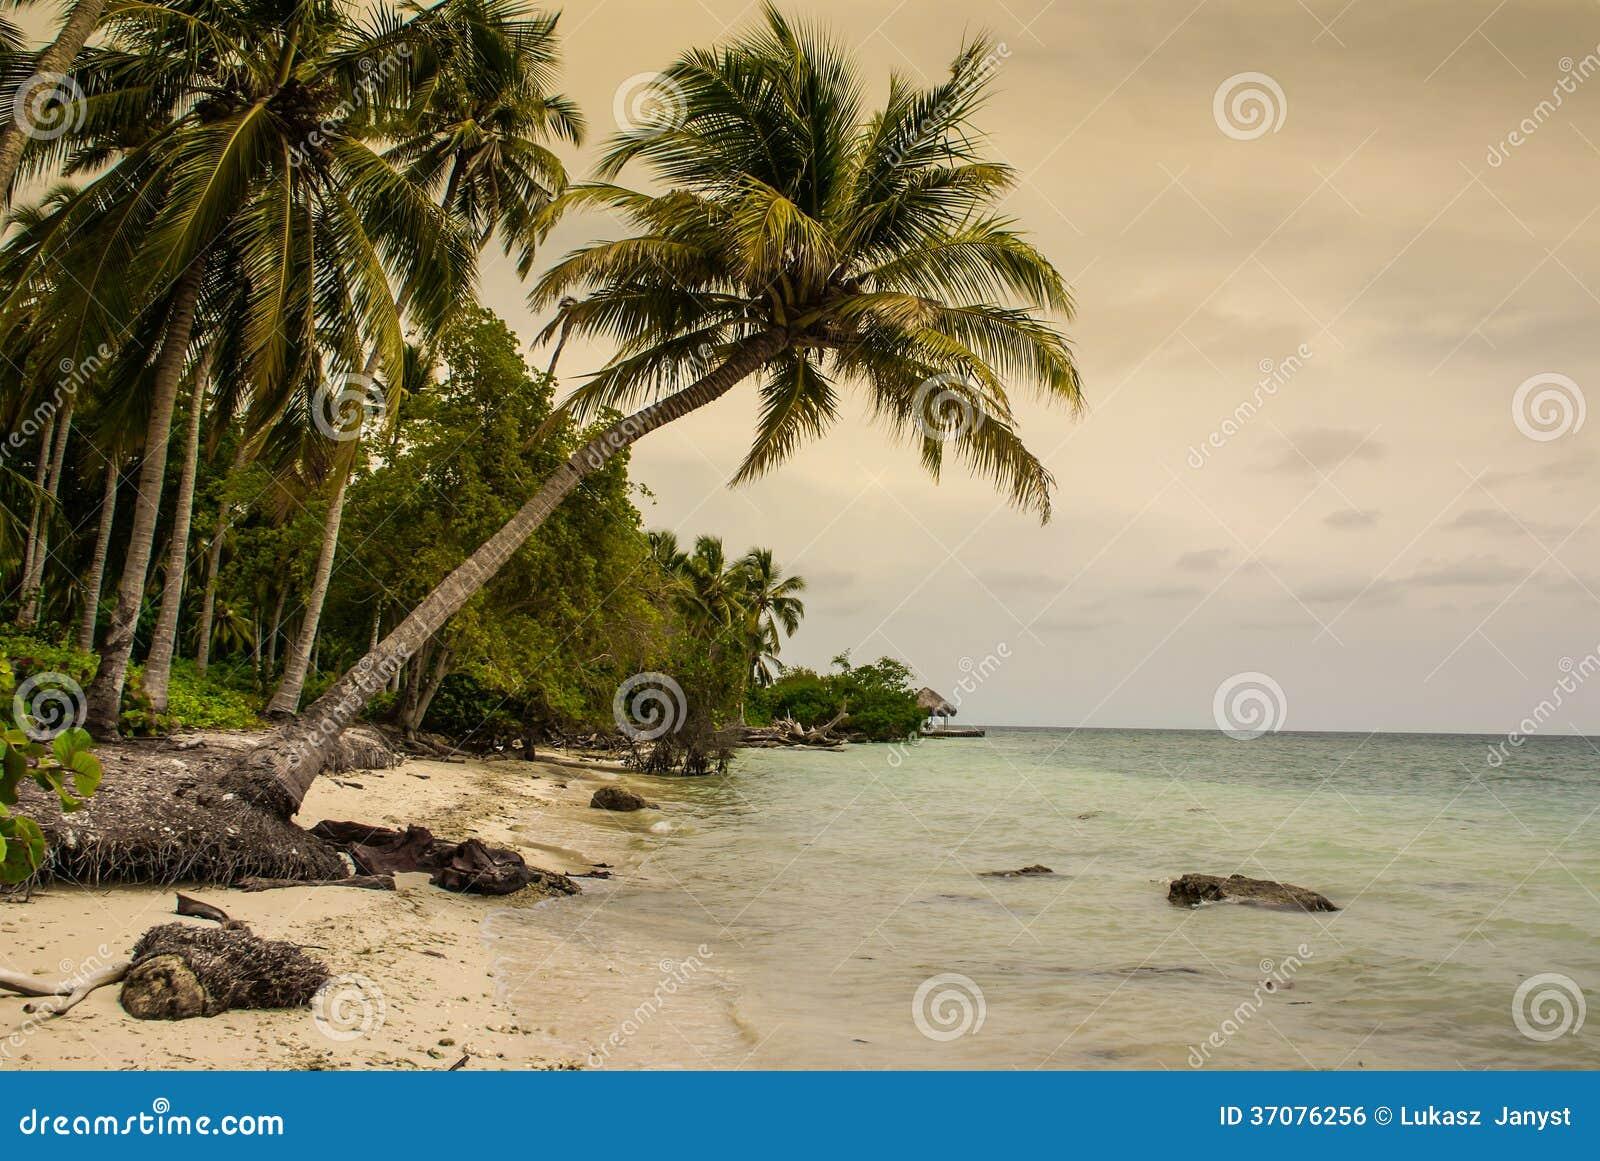 Download Drzewka Palmowe Na Tropikalnej Plaży W Colombia, Ameryka Sura Zdjęcie Stock - Obraz złożonej z morze, ocean: 37076256